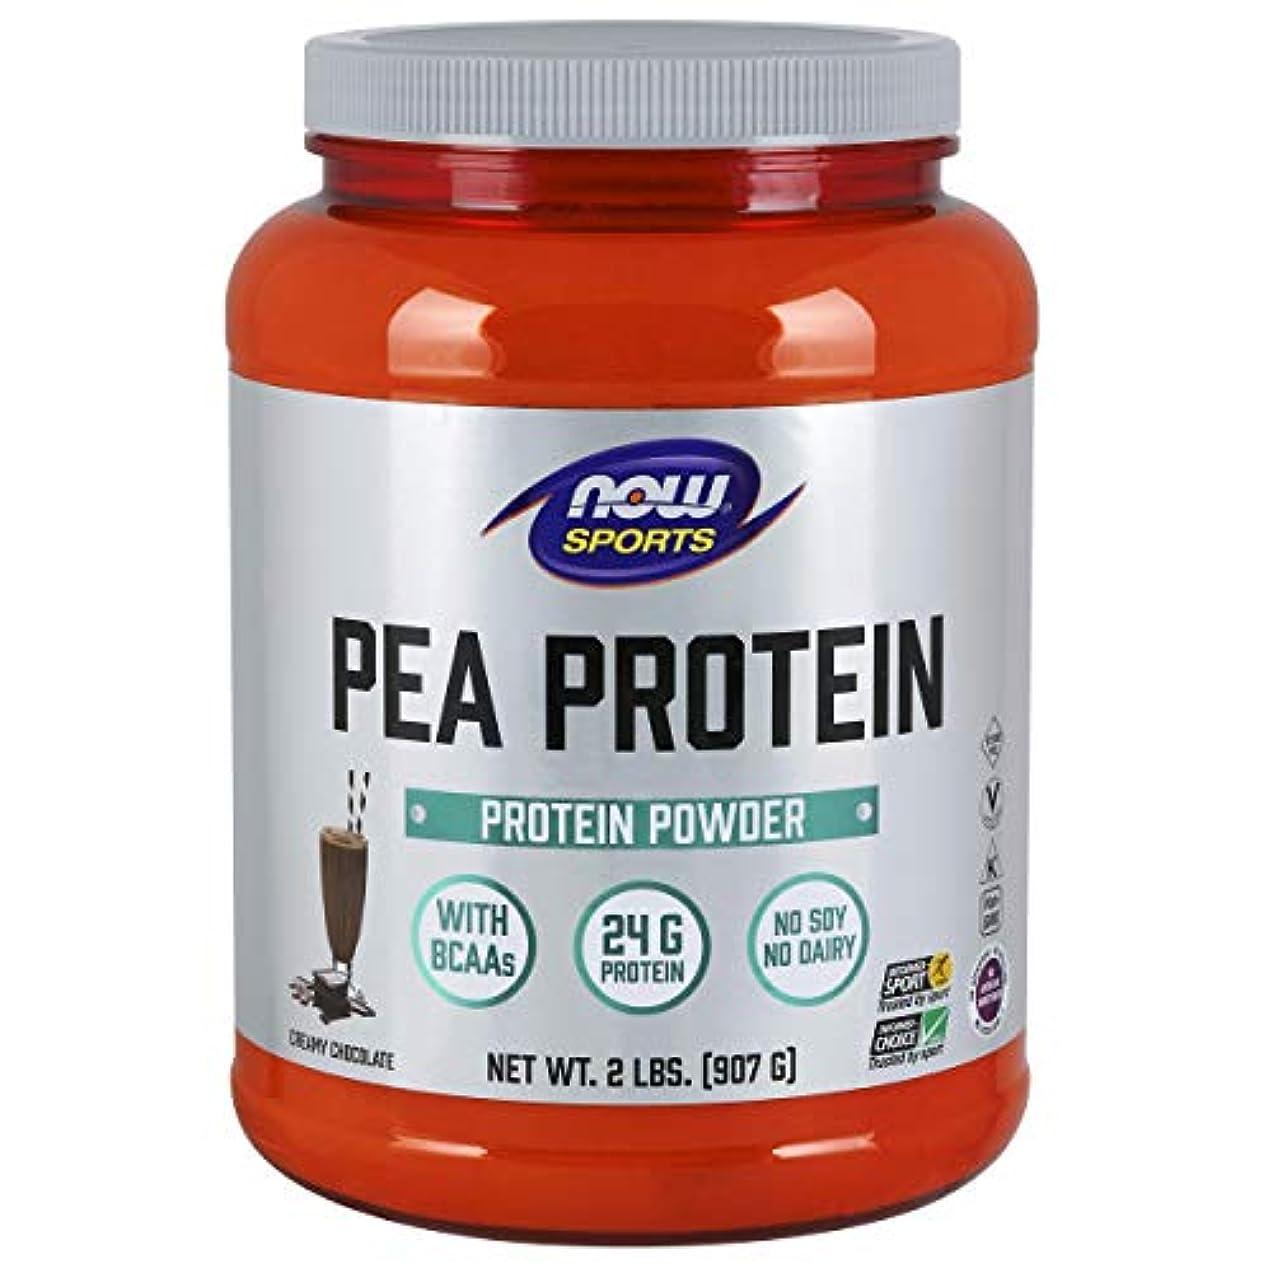 気楽な復活させる誰か海外直送品Pea Protein, Chocolate, 2 lbs by Now Foods